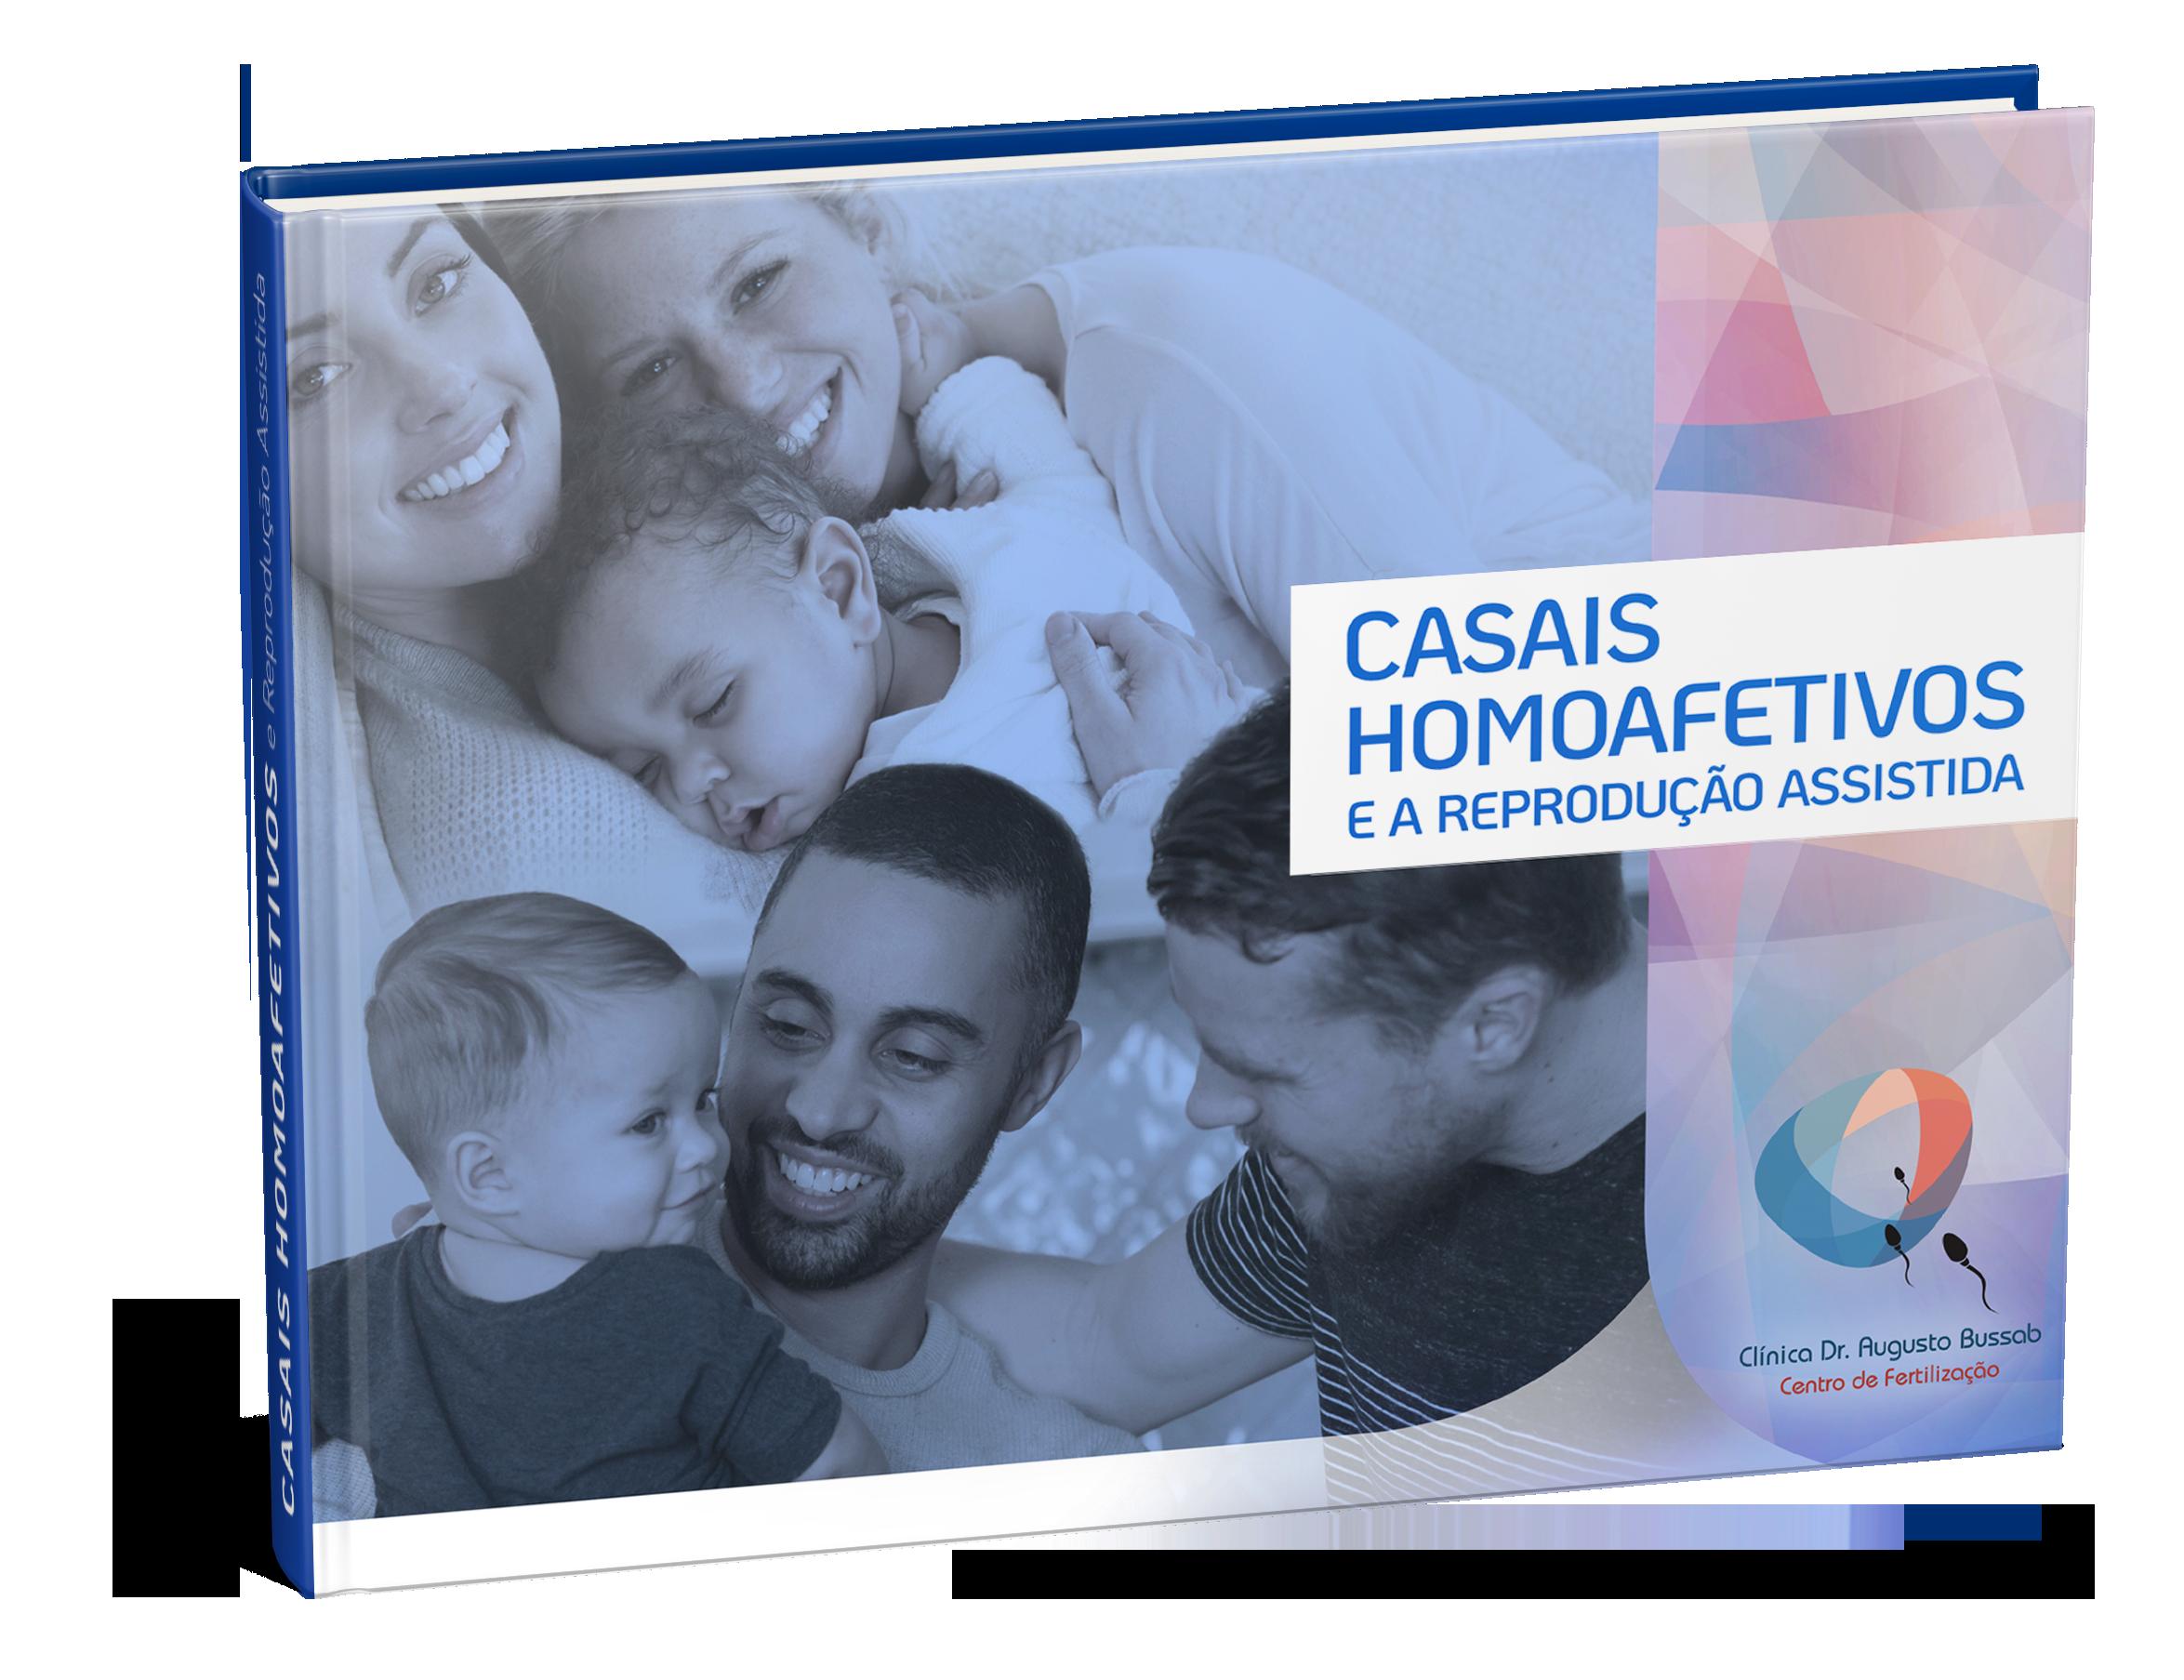 E-book | Casais homoafetivos e a reprodução assistida | Dr. Augusto Bussab